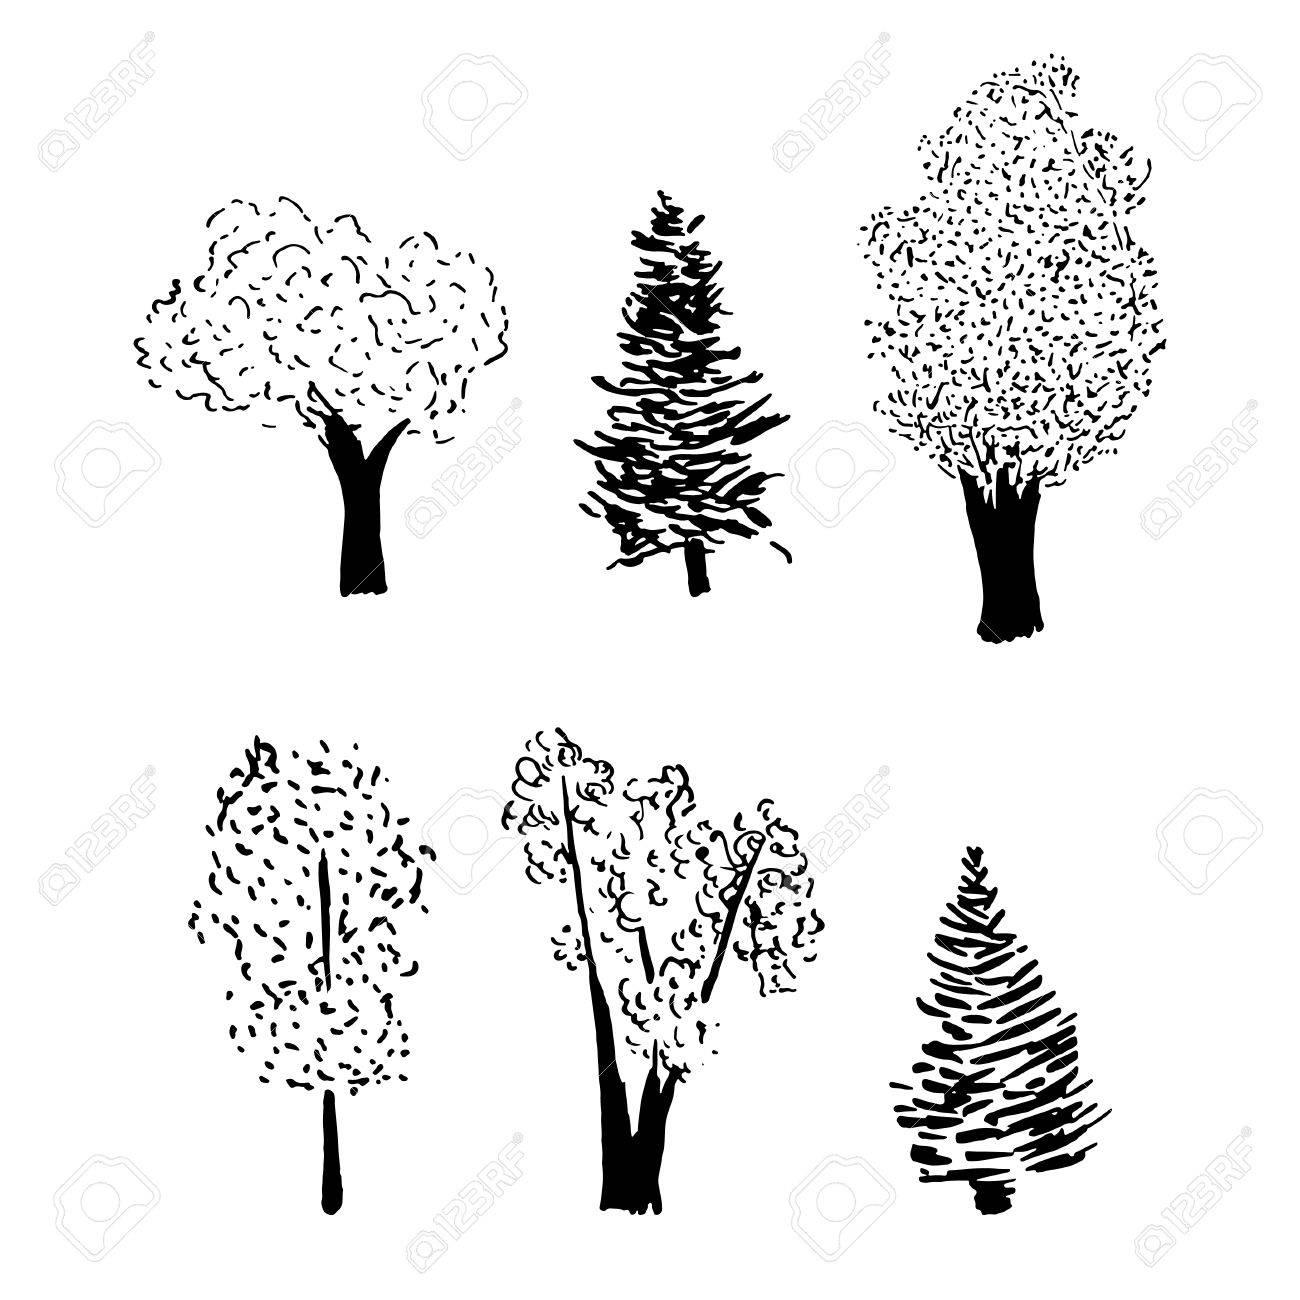 baum skizze. vektor-illustration von hand gezeichneten pflanzen mit